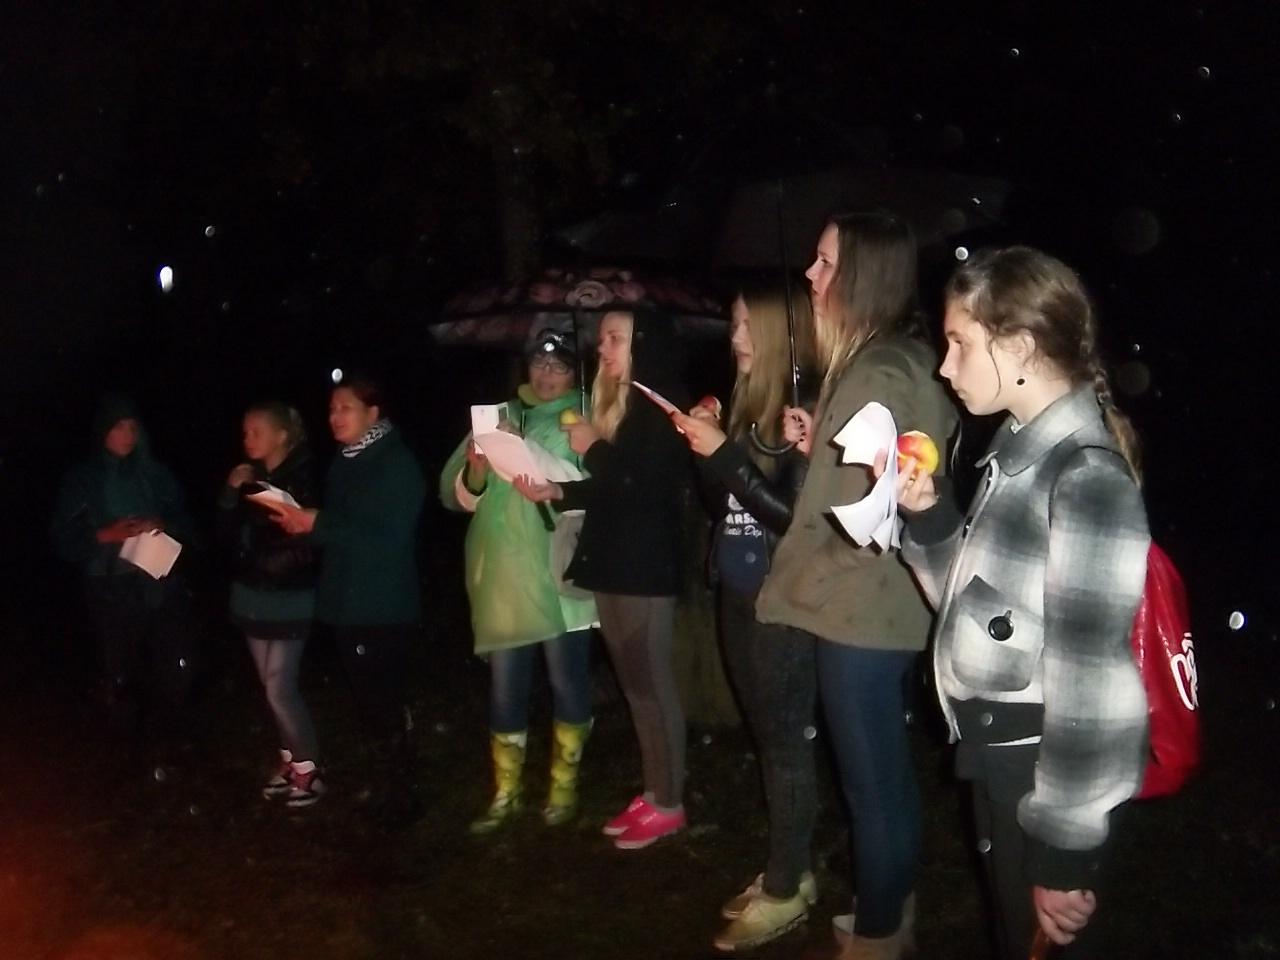 Jaunjelgavas vidusskolas skolēni Sērenes pilskalnā Baltu vienības dienas vakarā